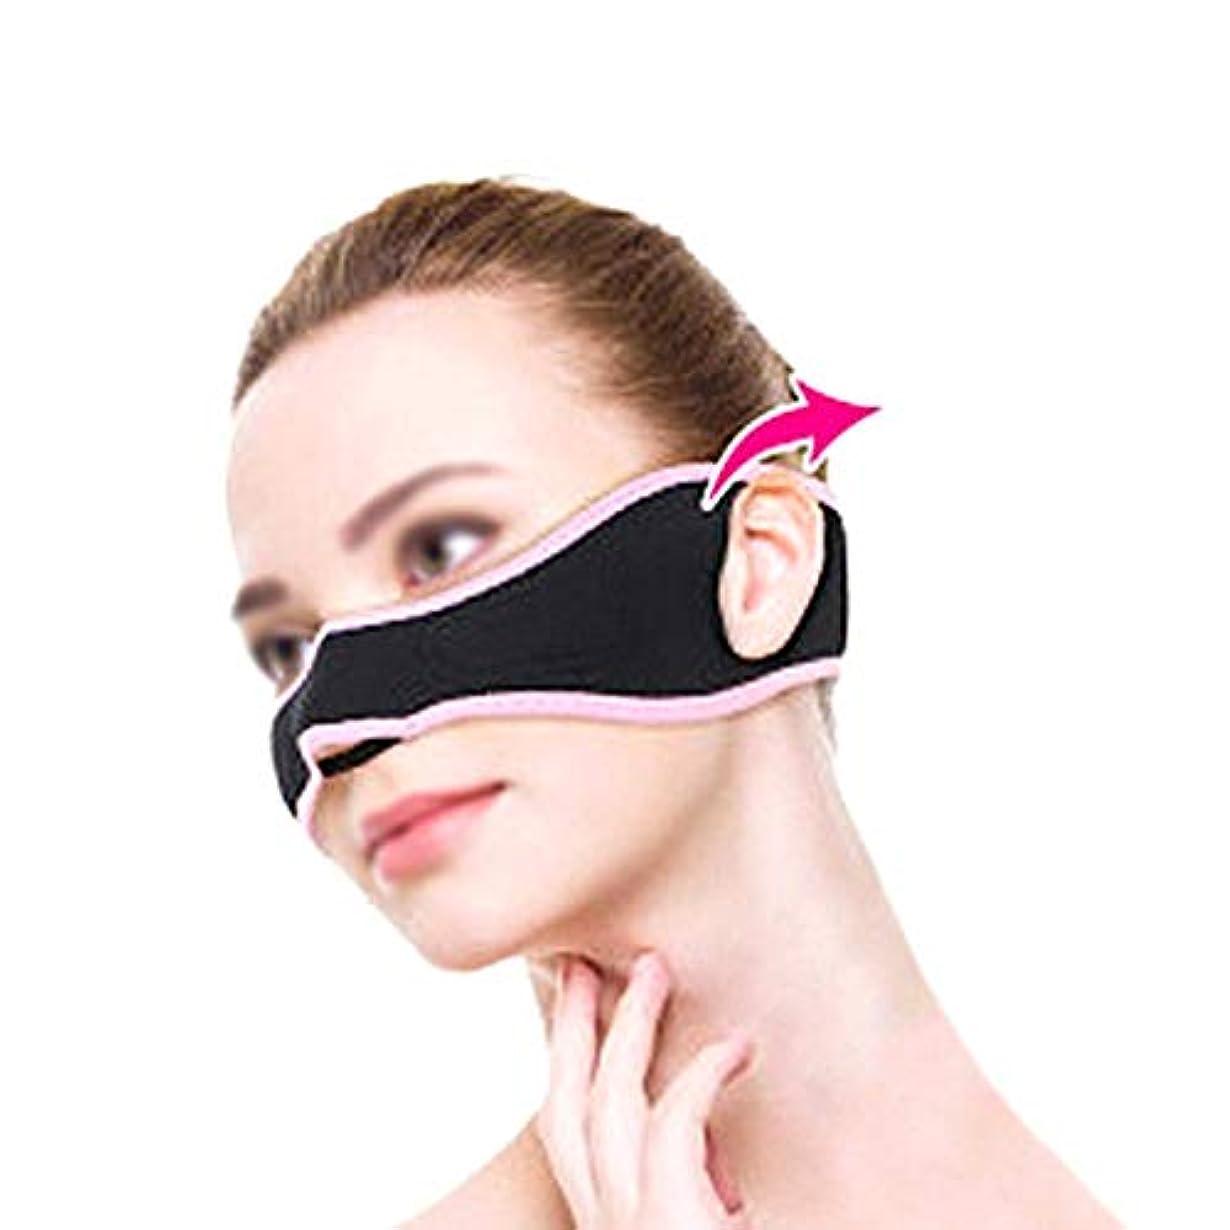 チャーム喜劇補うフェイスリフティングマスク、チークリフトアップマスク、薄くて薄い顔、顔の筋肉を引き締めて持ち上げ、持ち運びが簡単で、男性と女性の両方が使用できます